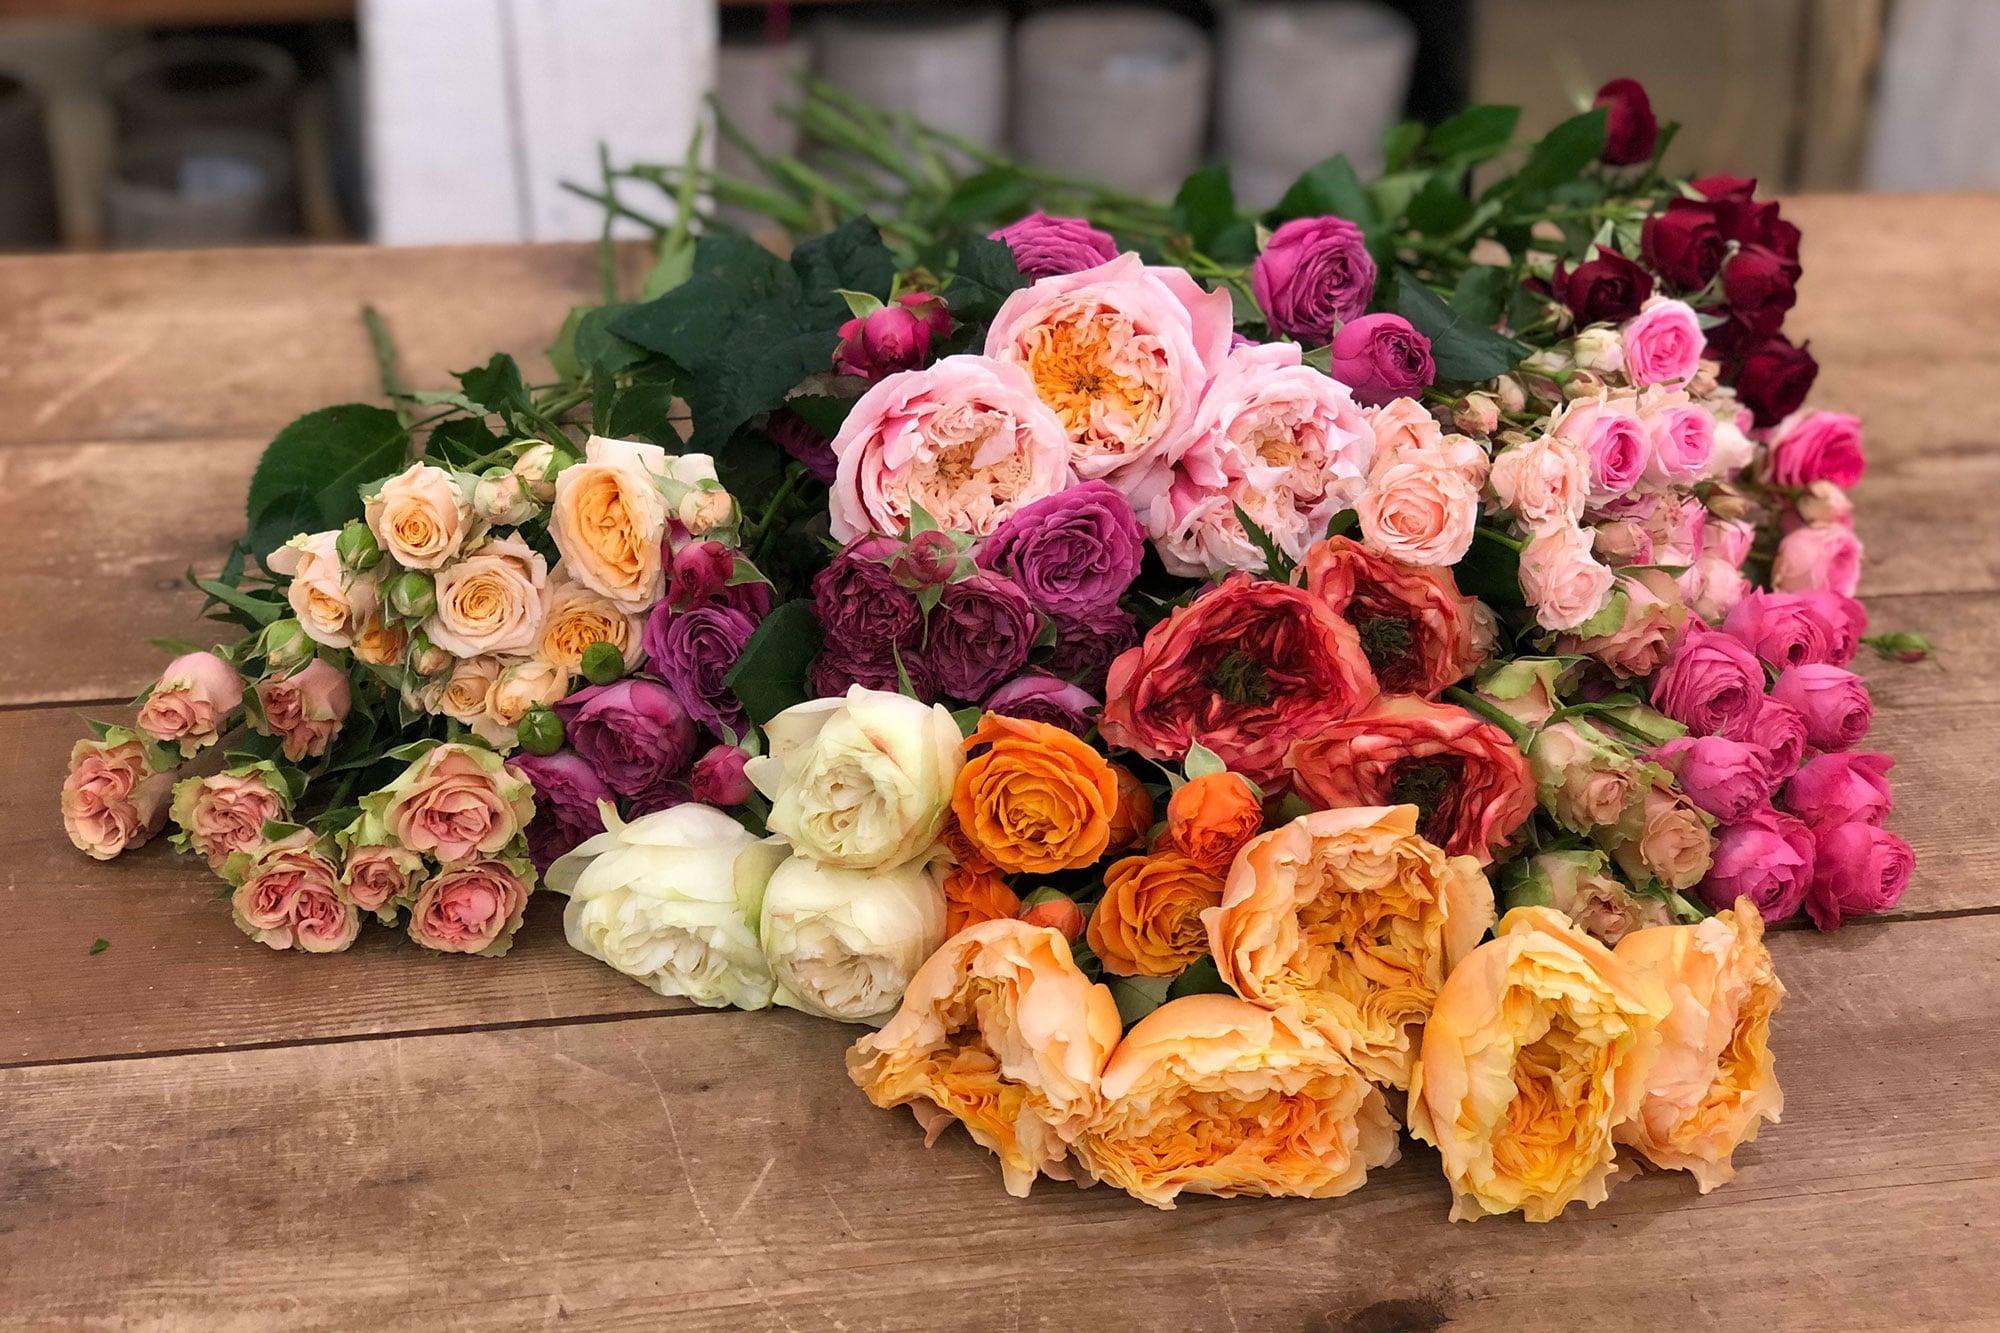 Comprar rosas para el día de los enamorados Madrid - ramos de flores - ramos de rosas en madrid